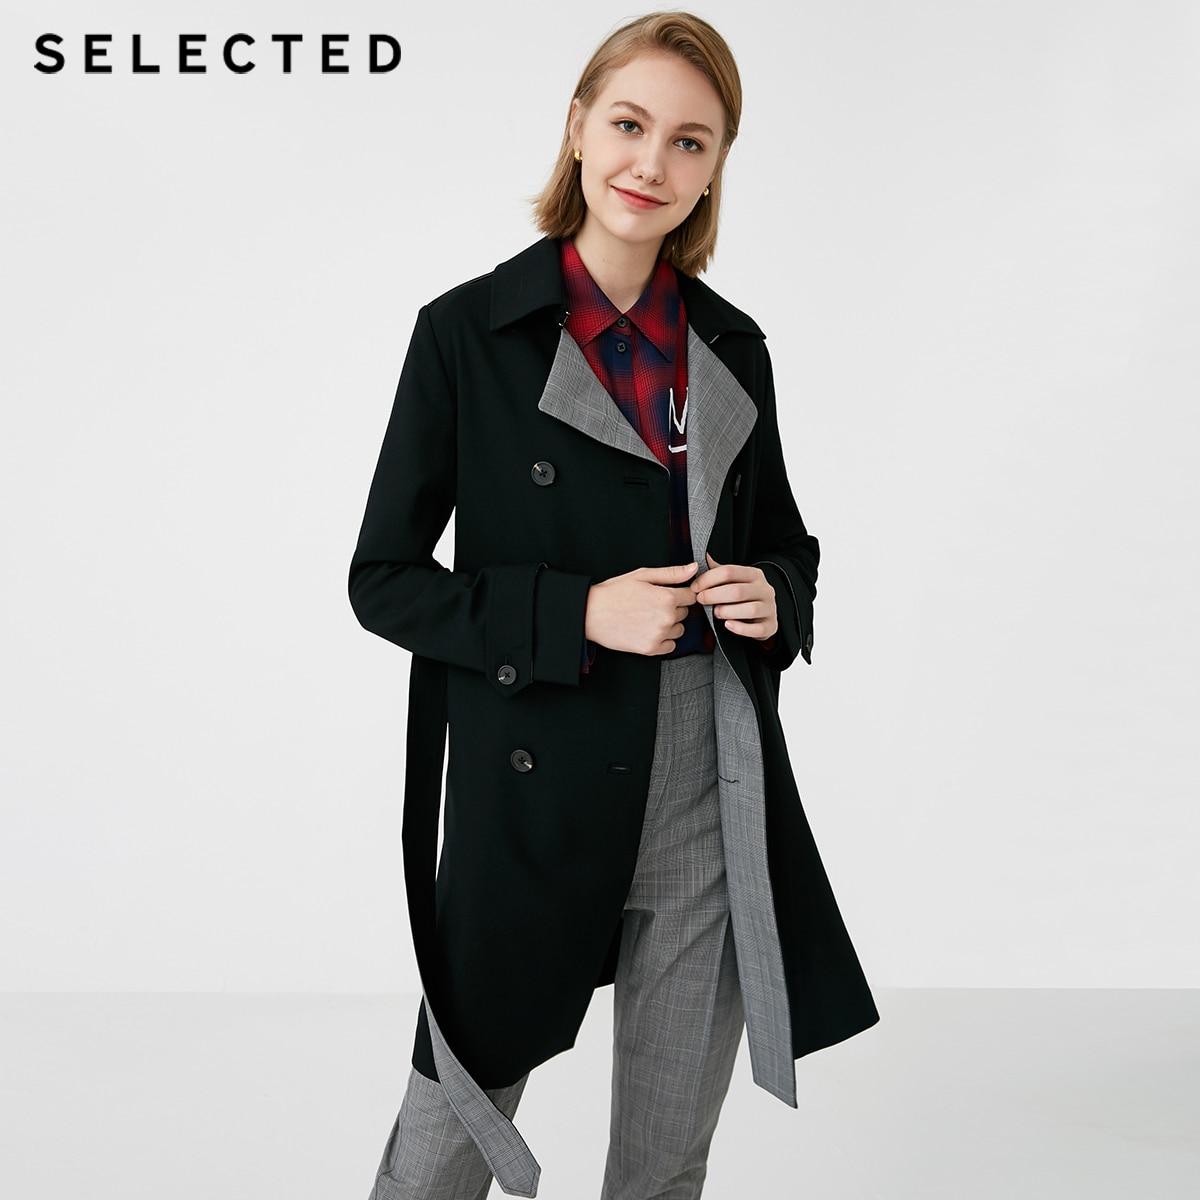 Selected 여성 모직 혼합 옷깃 체크 무늬 코트 s  418321526-에서트렌치부터 여성 의류 의  그룹 1